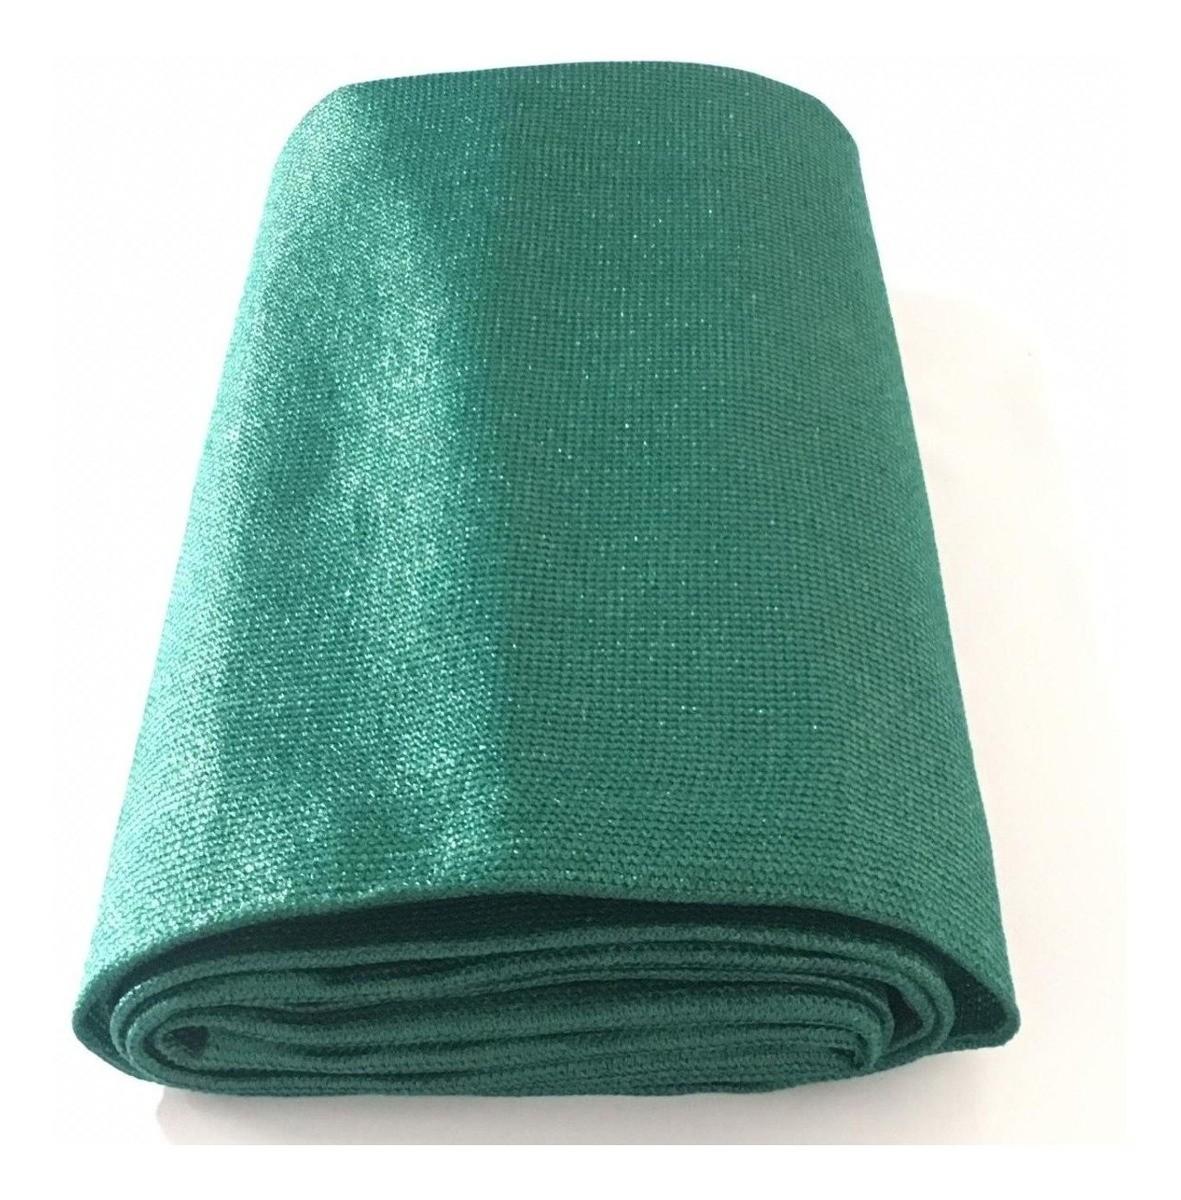 Tela Shade Sombrite Toldo Decorativa Verde Com Bainha e Ilhós 5x8,5m